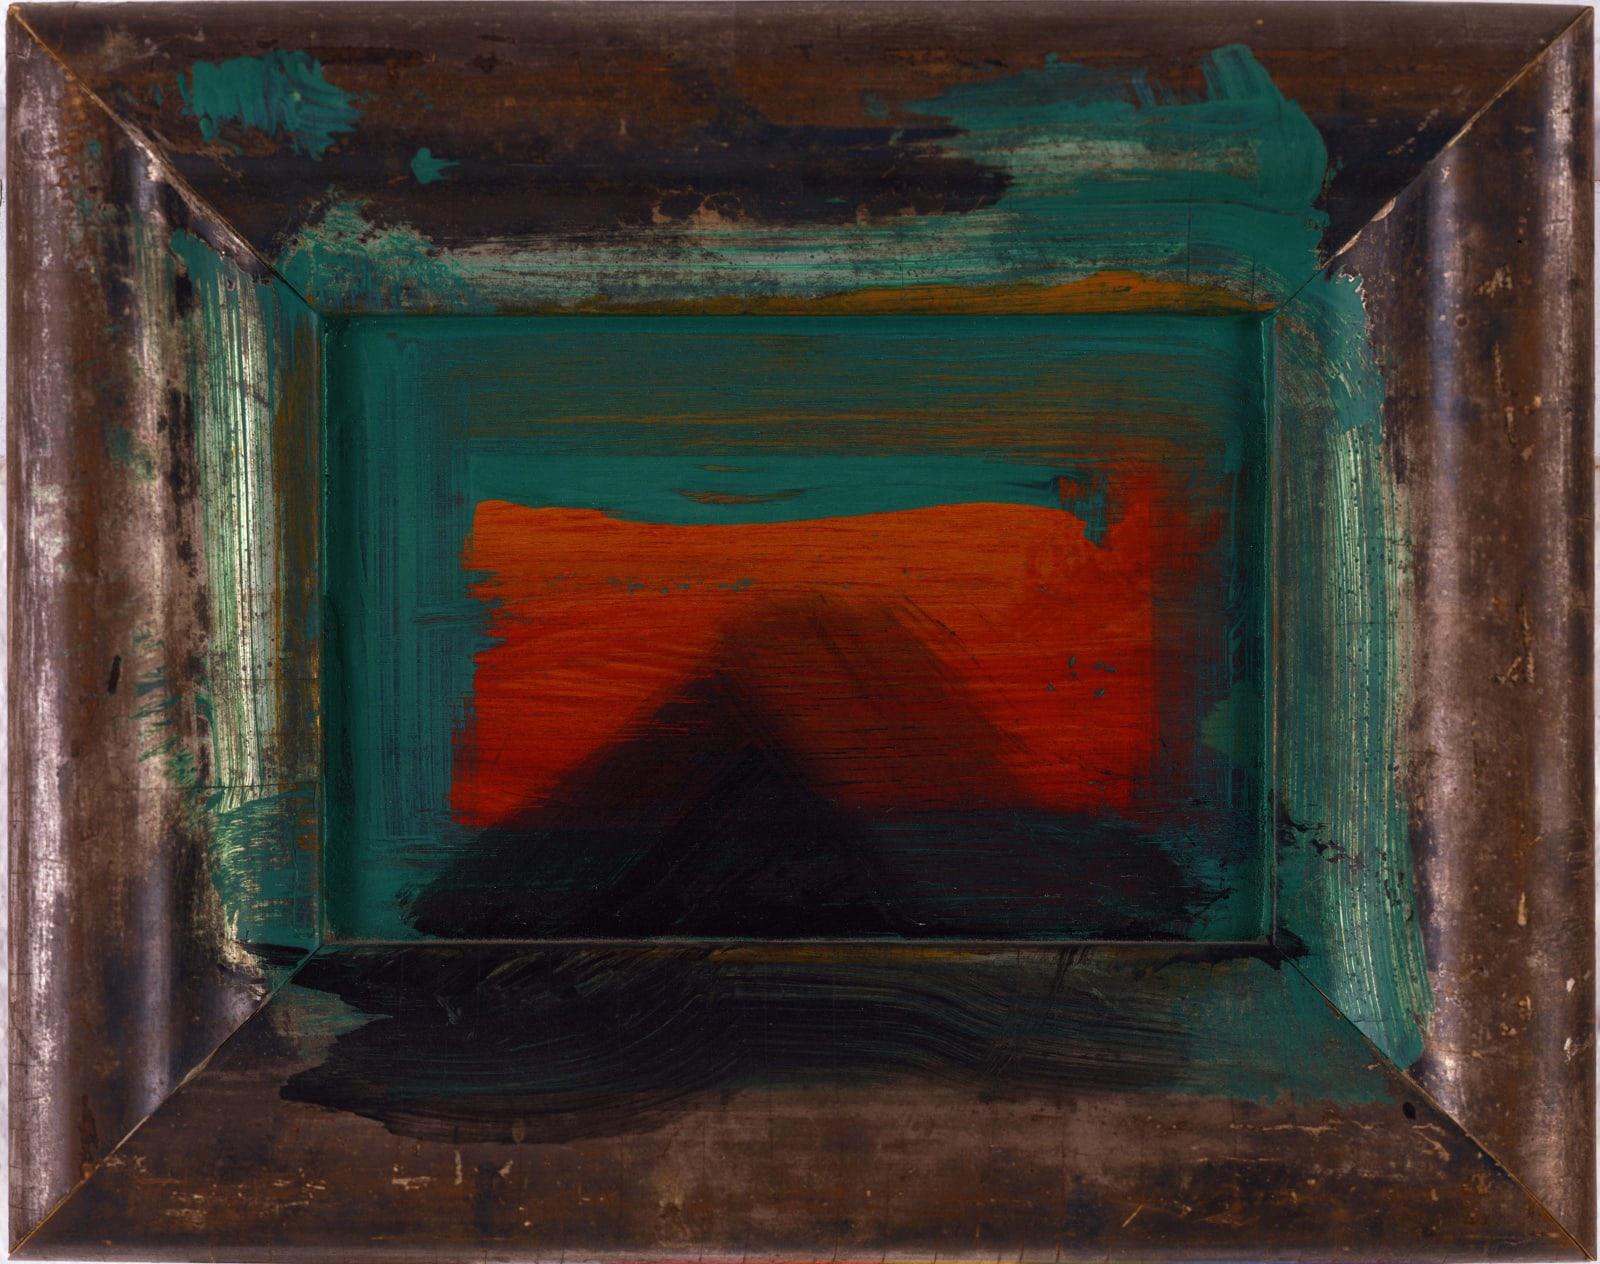 A Pyramid for Antony, 1986-88